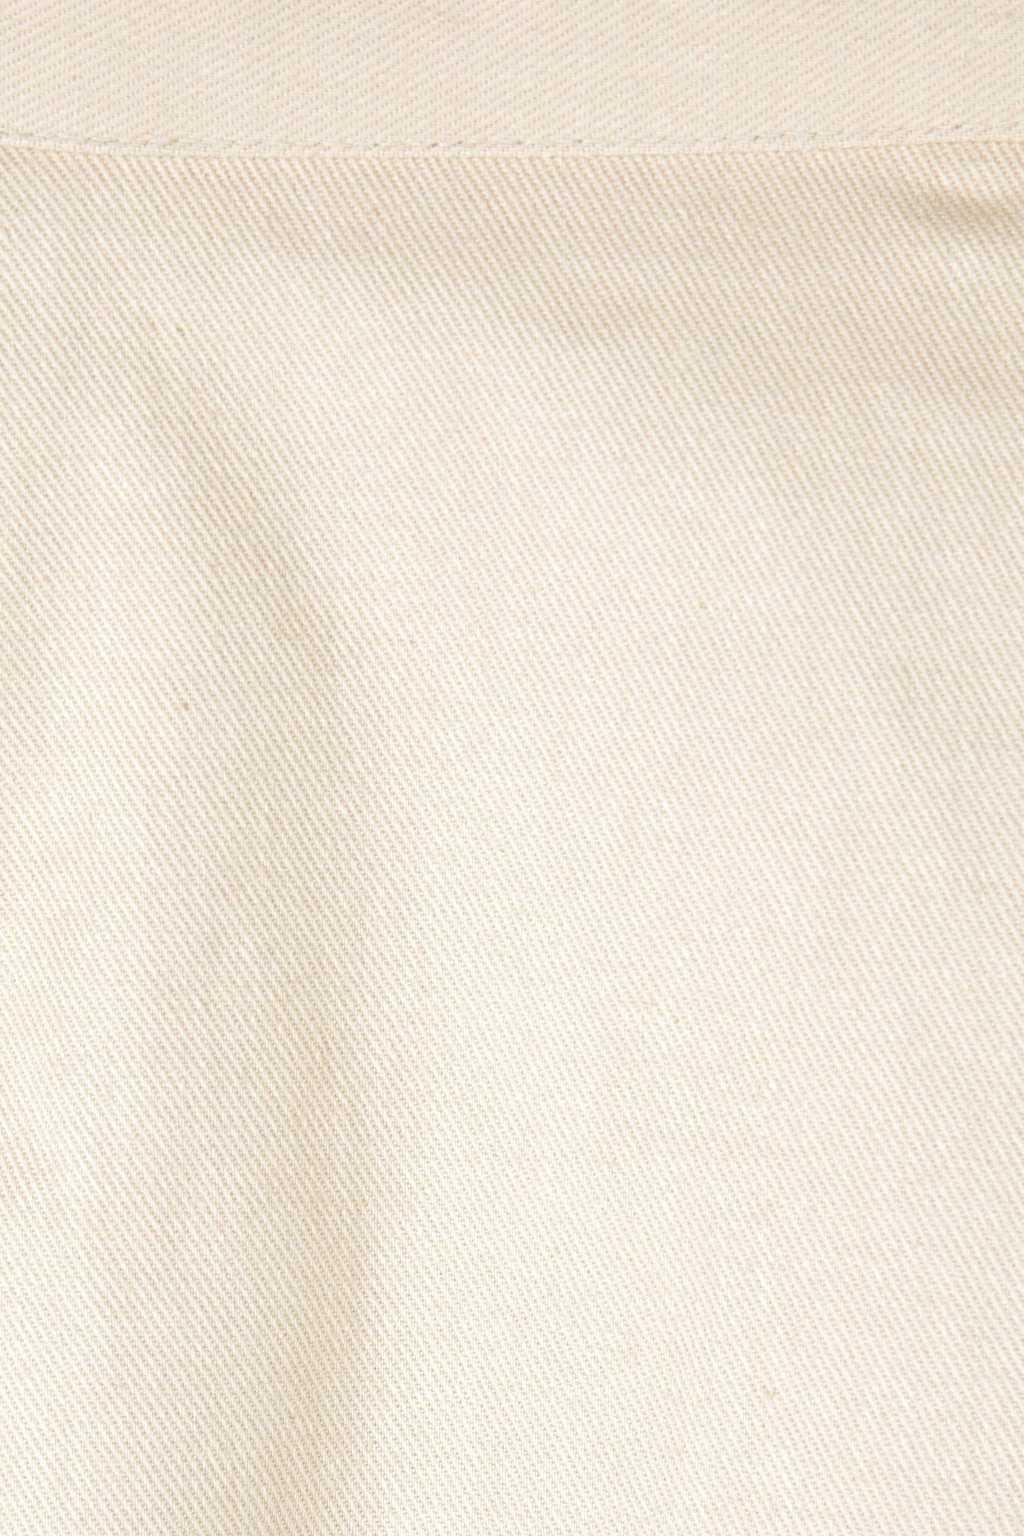 Skirt K023 Beige 6